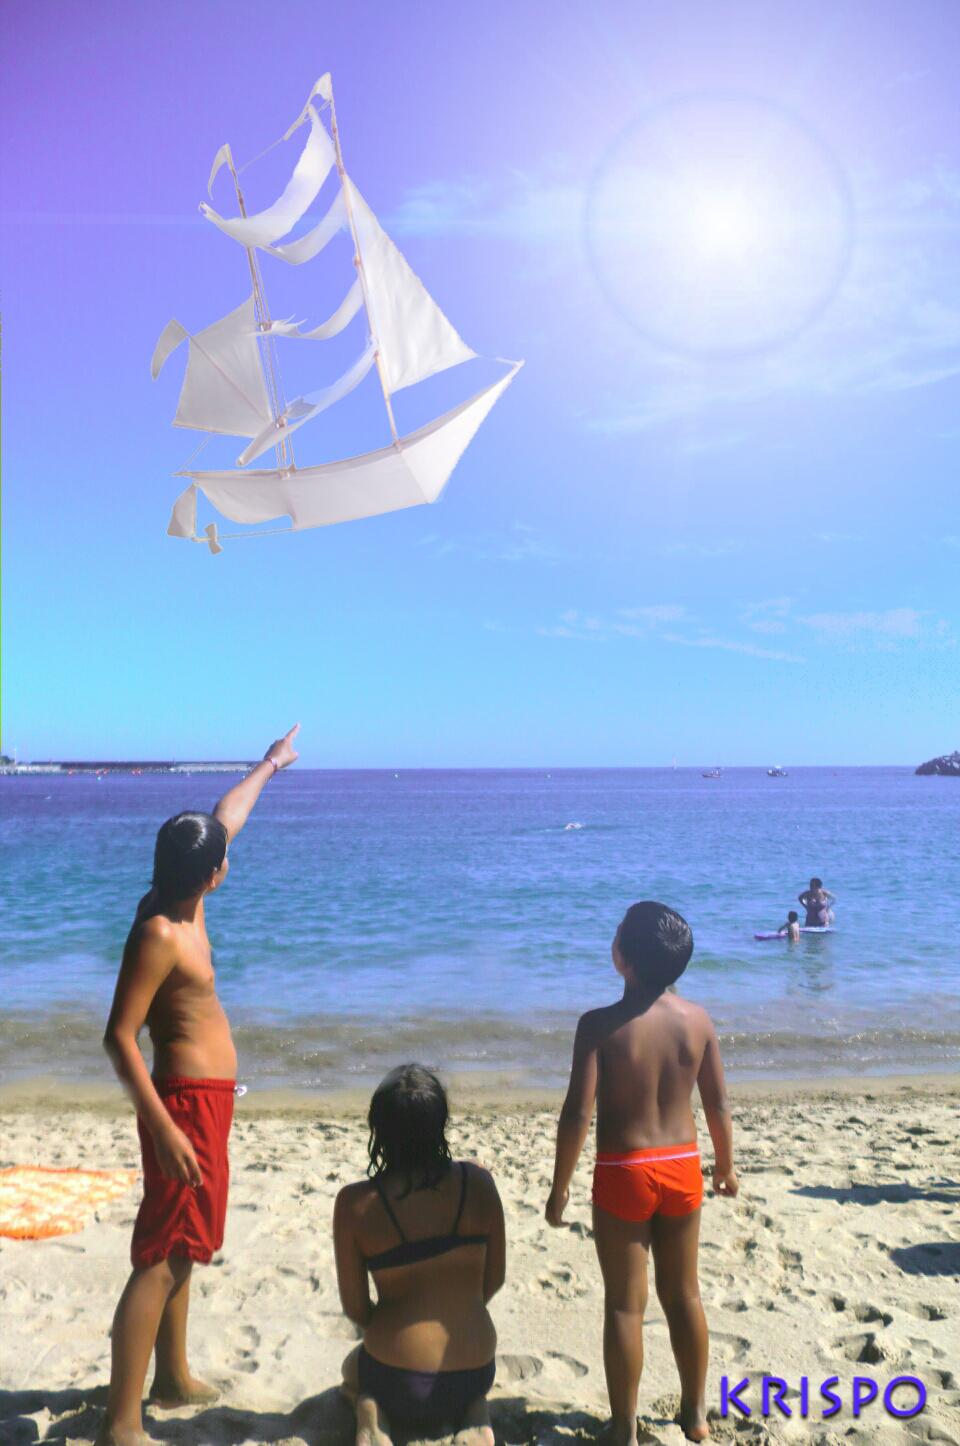 barco velero surcando el cielo en fotomontaje desde la playa